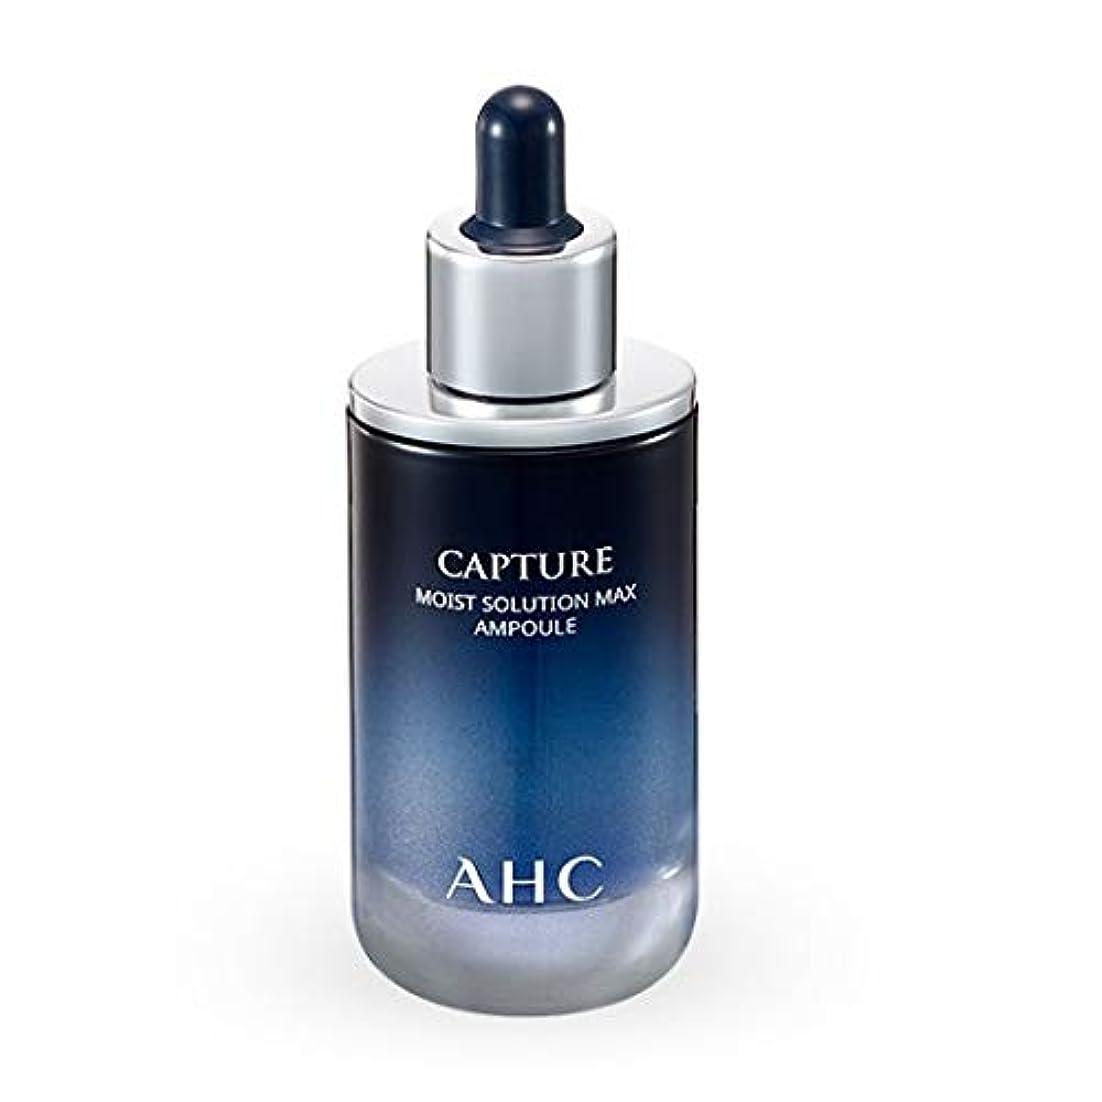 脊椎然とした不利益AHC Capture Moist Solution Max Ampoule/キャプチャー モイスト ソリューション マックス アンプル 50ml [並行輸入品]